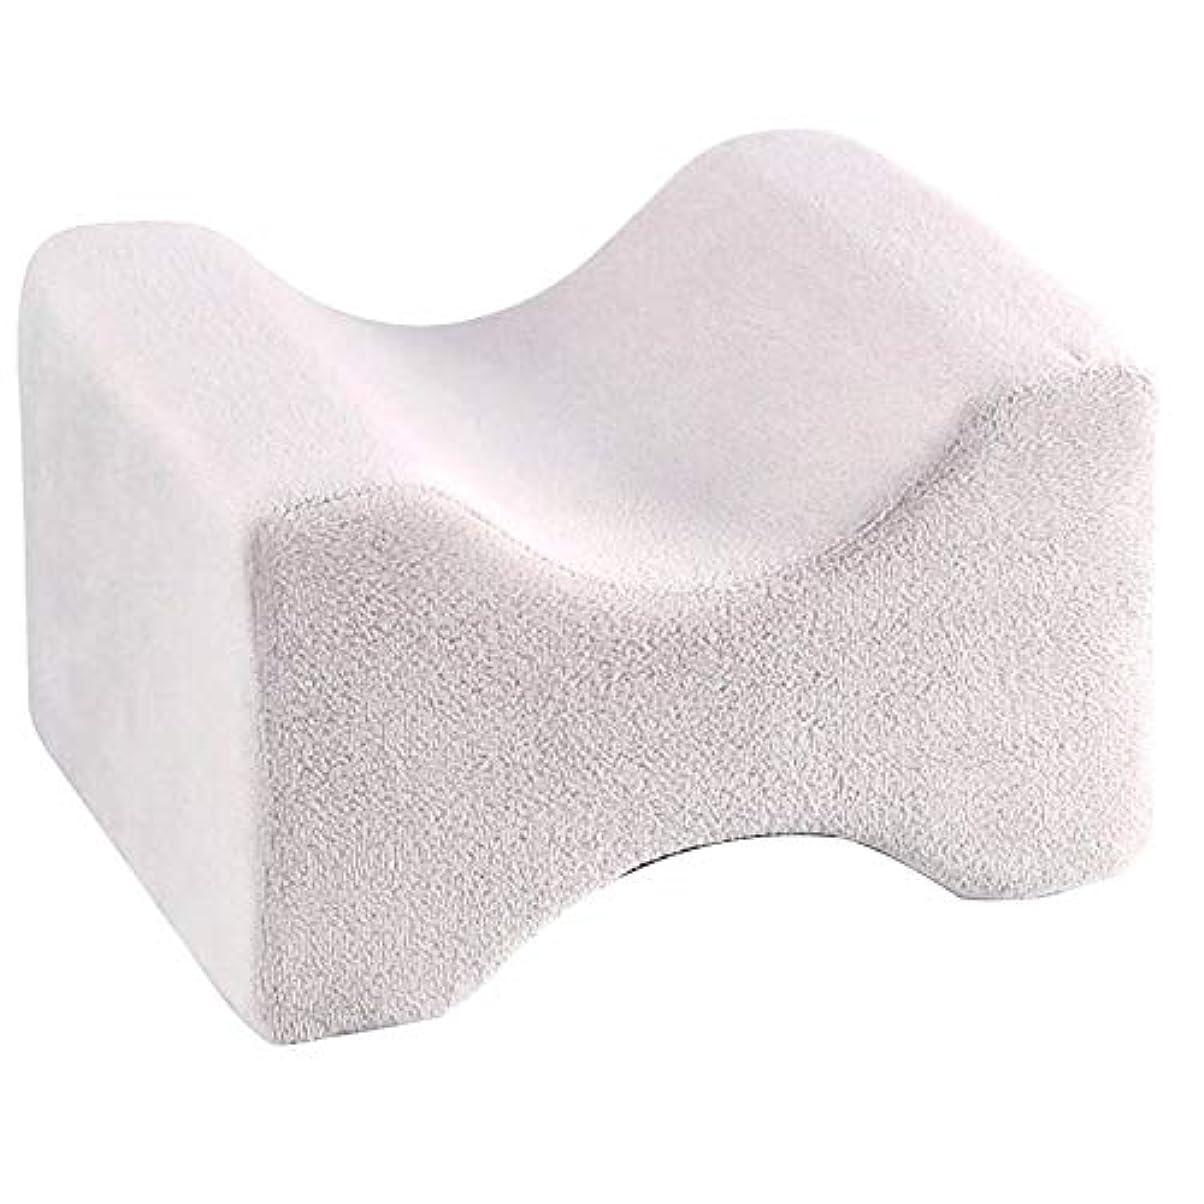 外交問題優雅な終わらせるソフト枕膝枕クリップ足低反発ウェッジ遅いリバウンドメモリ綿クランプマッサージ枕用男性女性